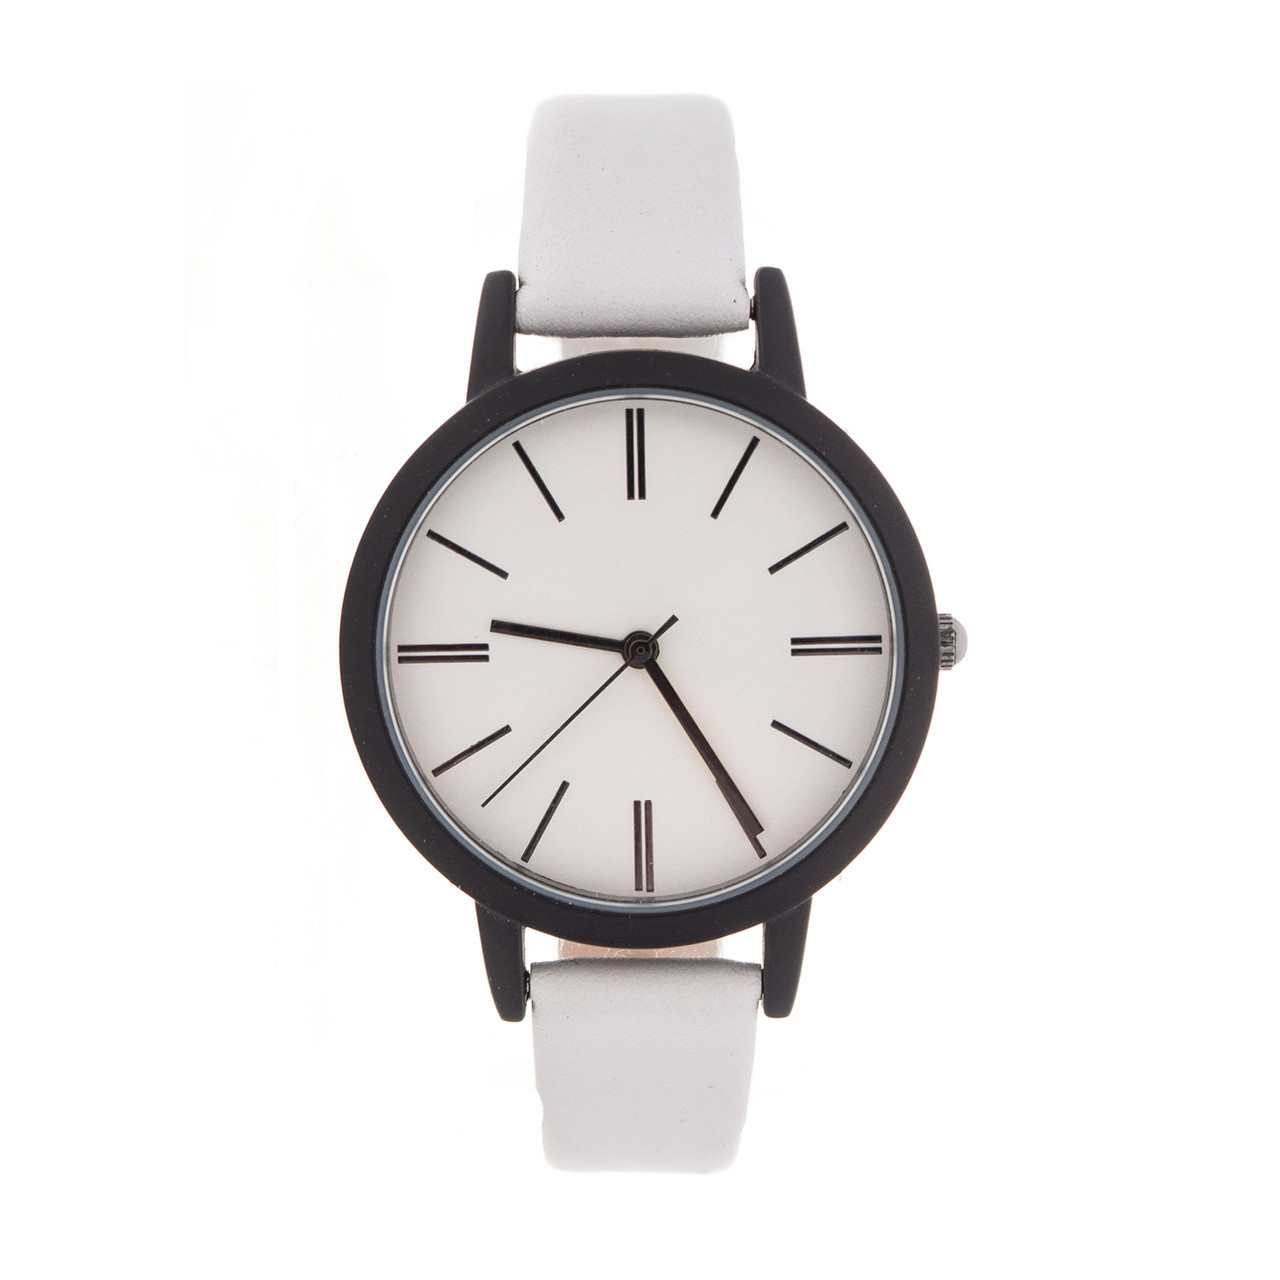 Жіночий годинник Kiomi xnwyy